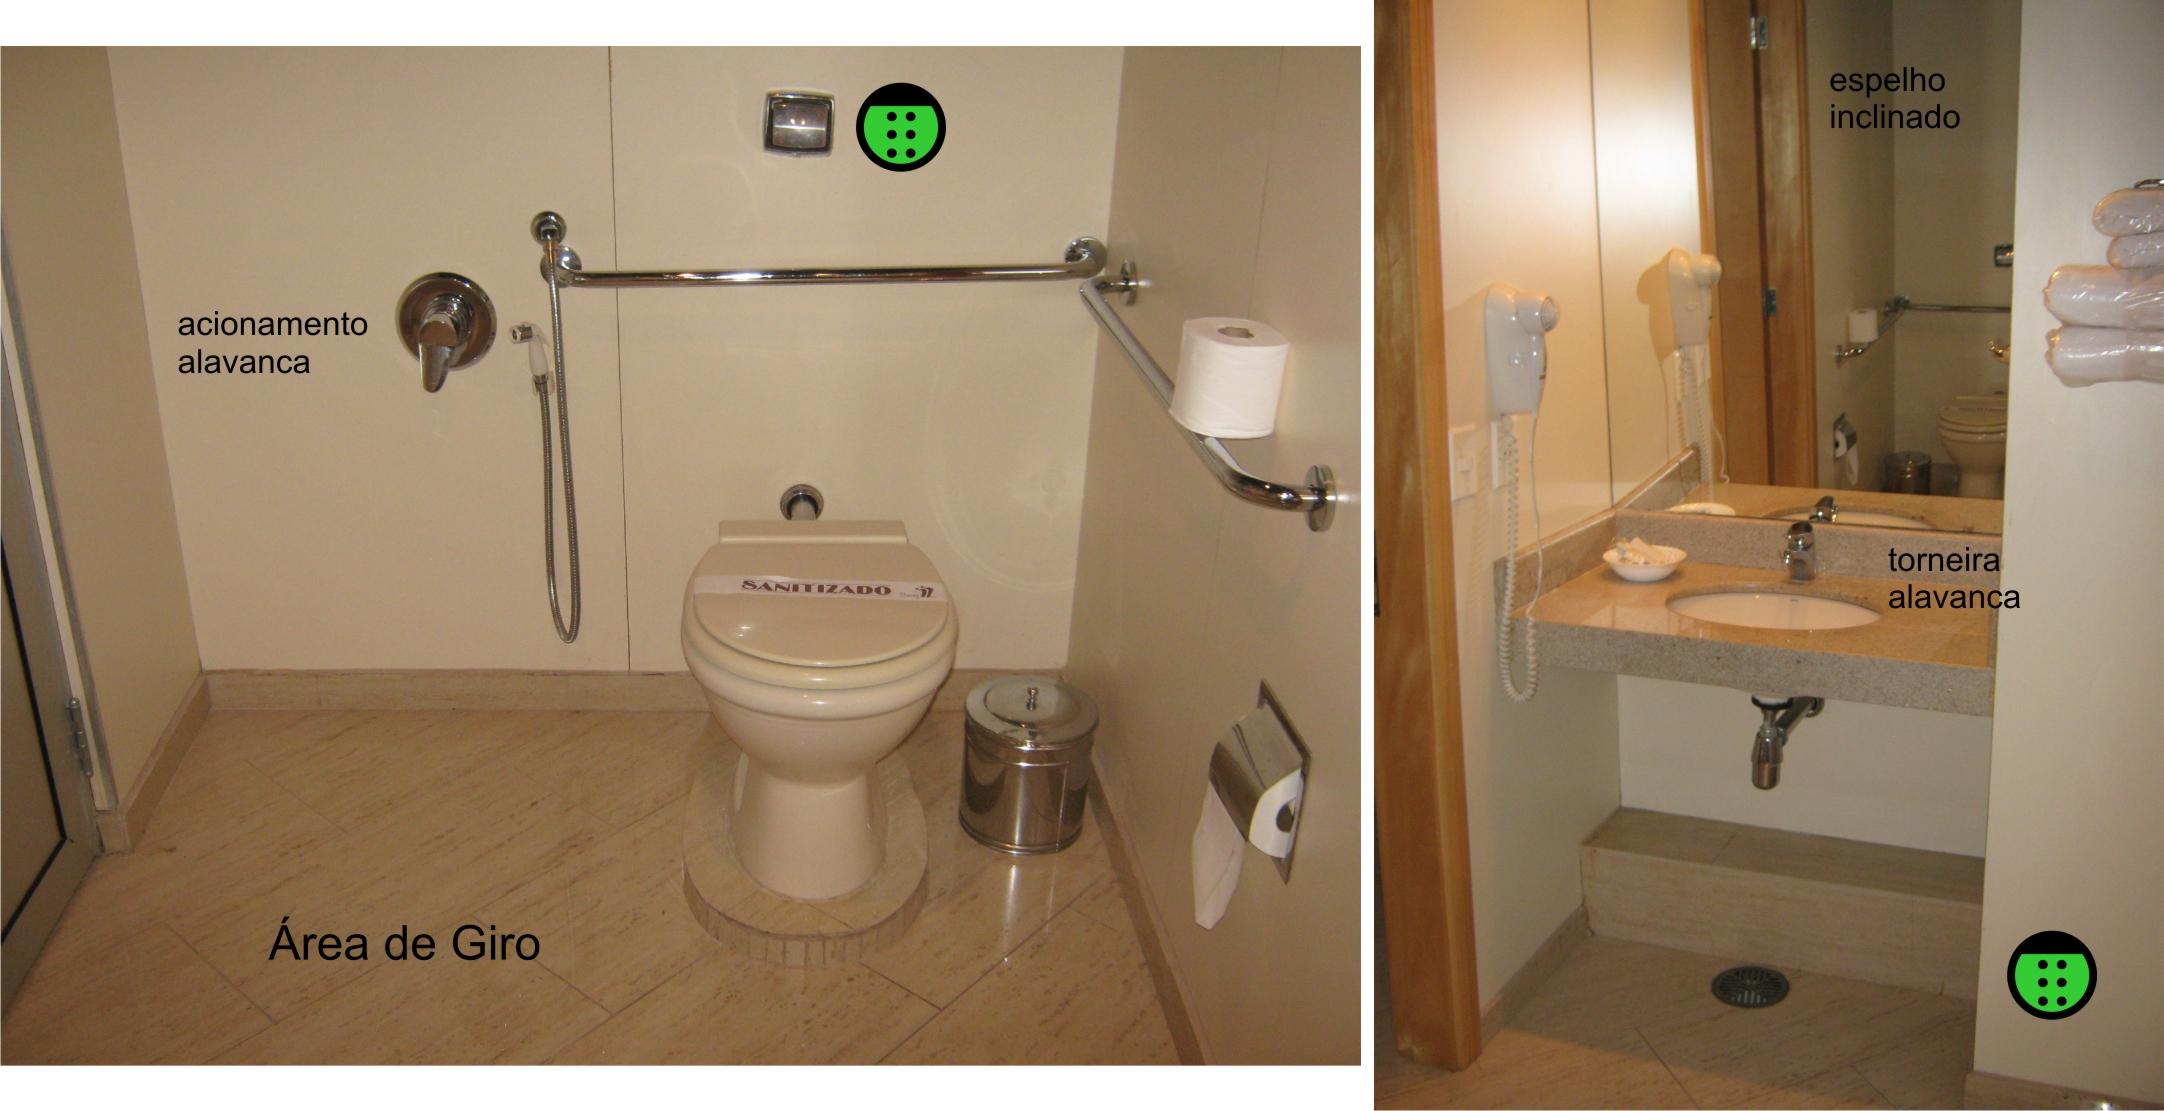 acesso para a banheira de acordo com a norma de acessibilidade #26A526 2164 1111